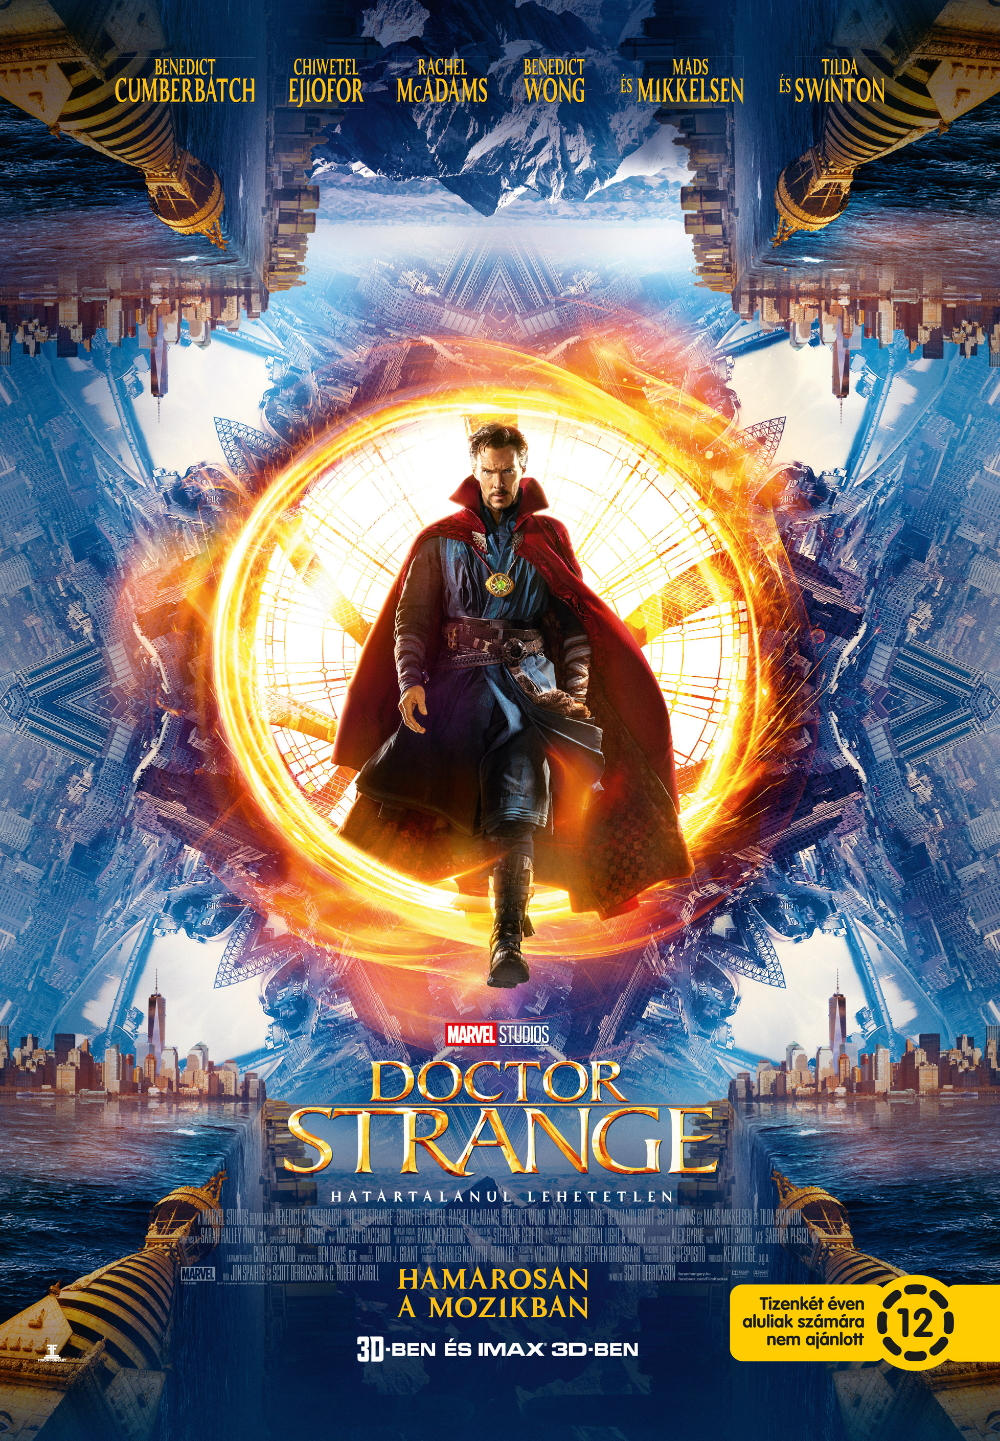 szmk_doctorstrange_movie_poster_1.jpg